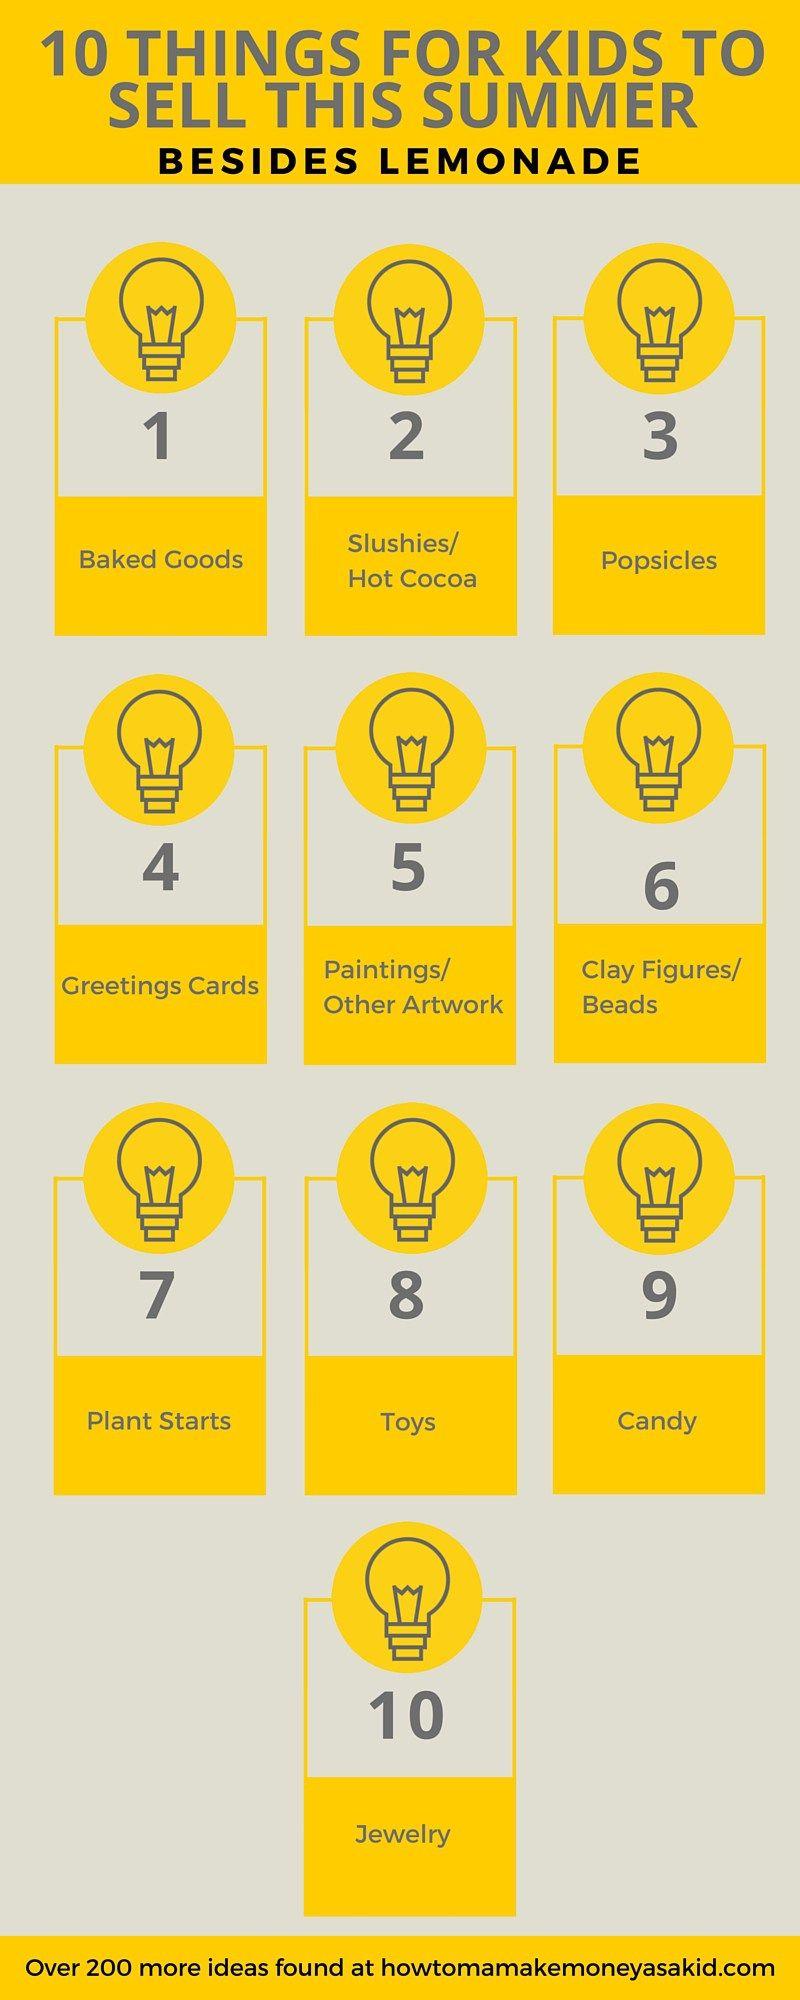 10 Things To Sell Besides Lemonade Things To Sell Kids Lemonade